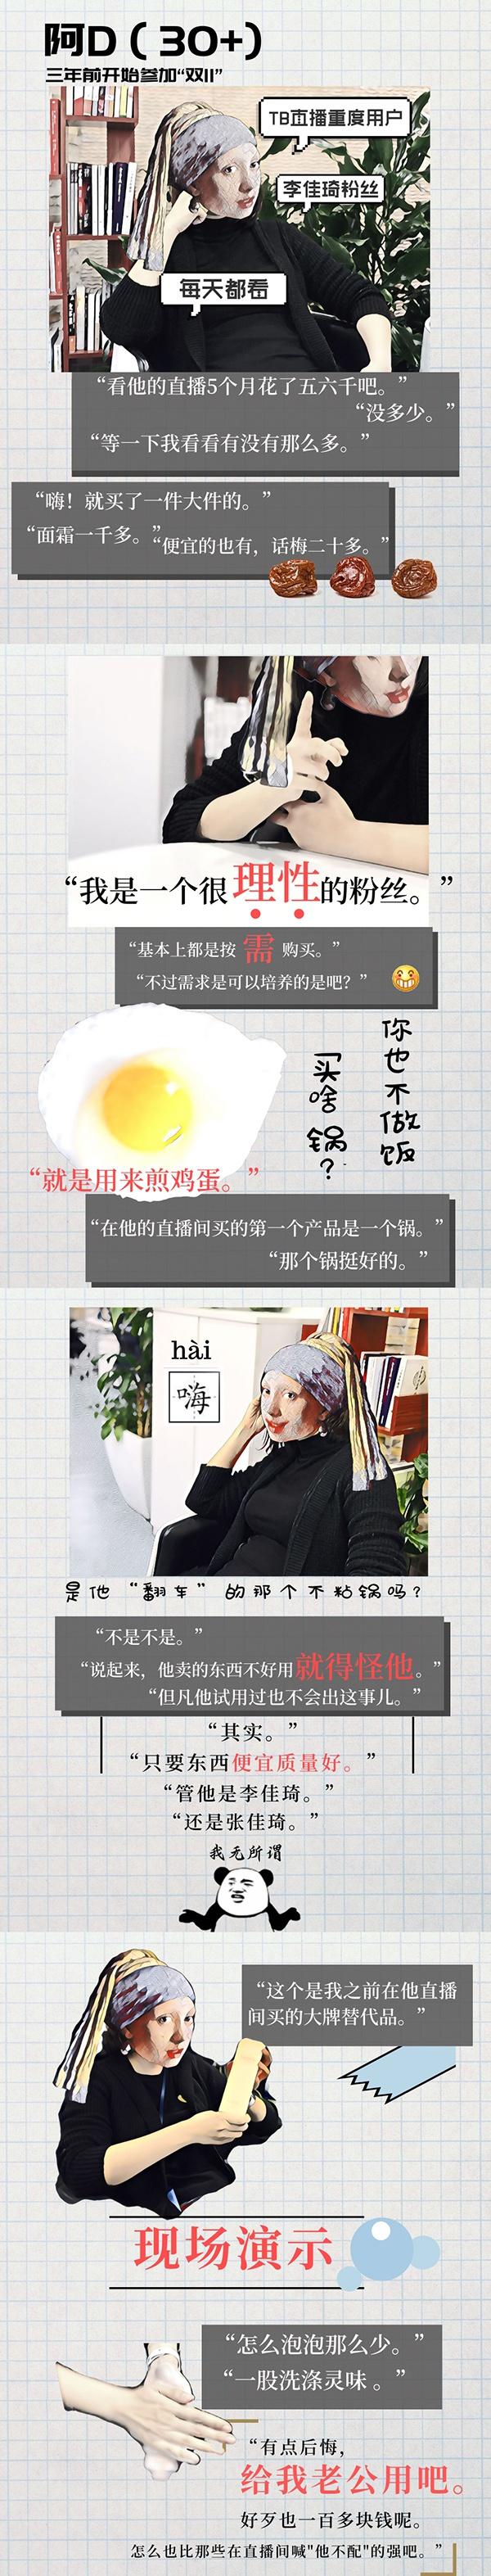 """宝马会直属现金网_无锡新式防汛""""武器""""在大展身手,看起来像变形金刚"""